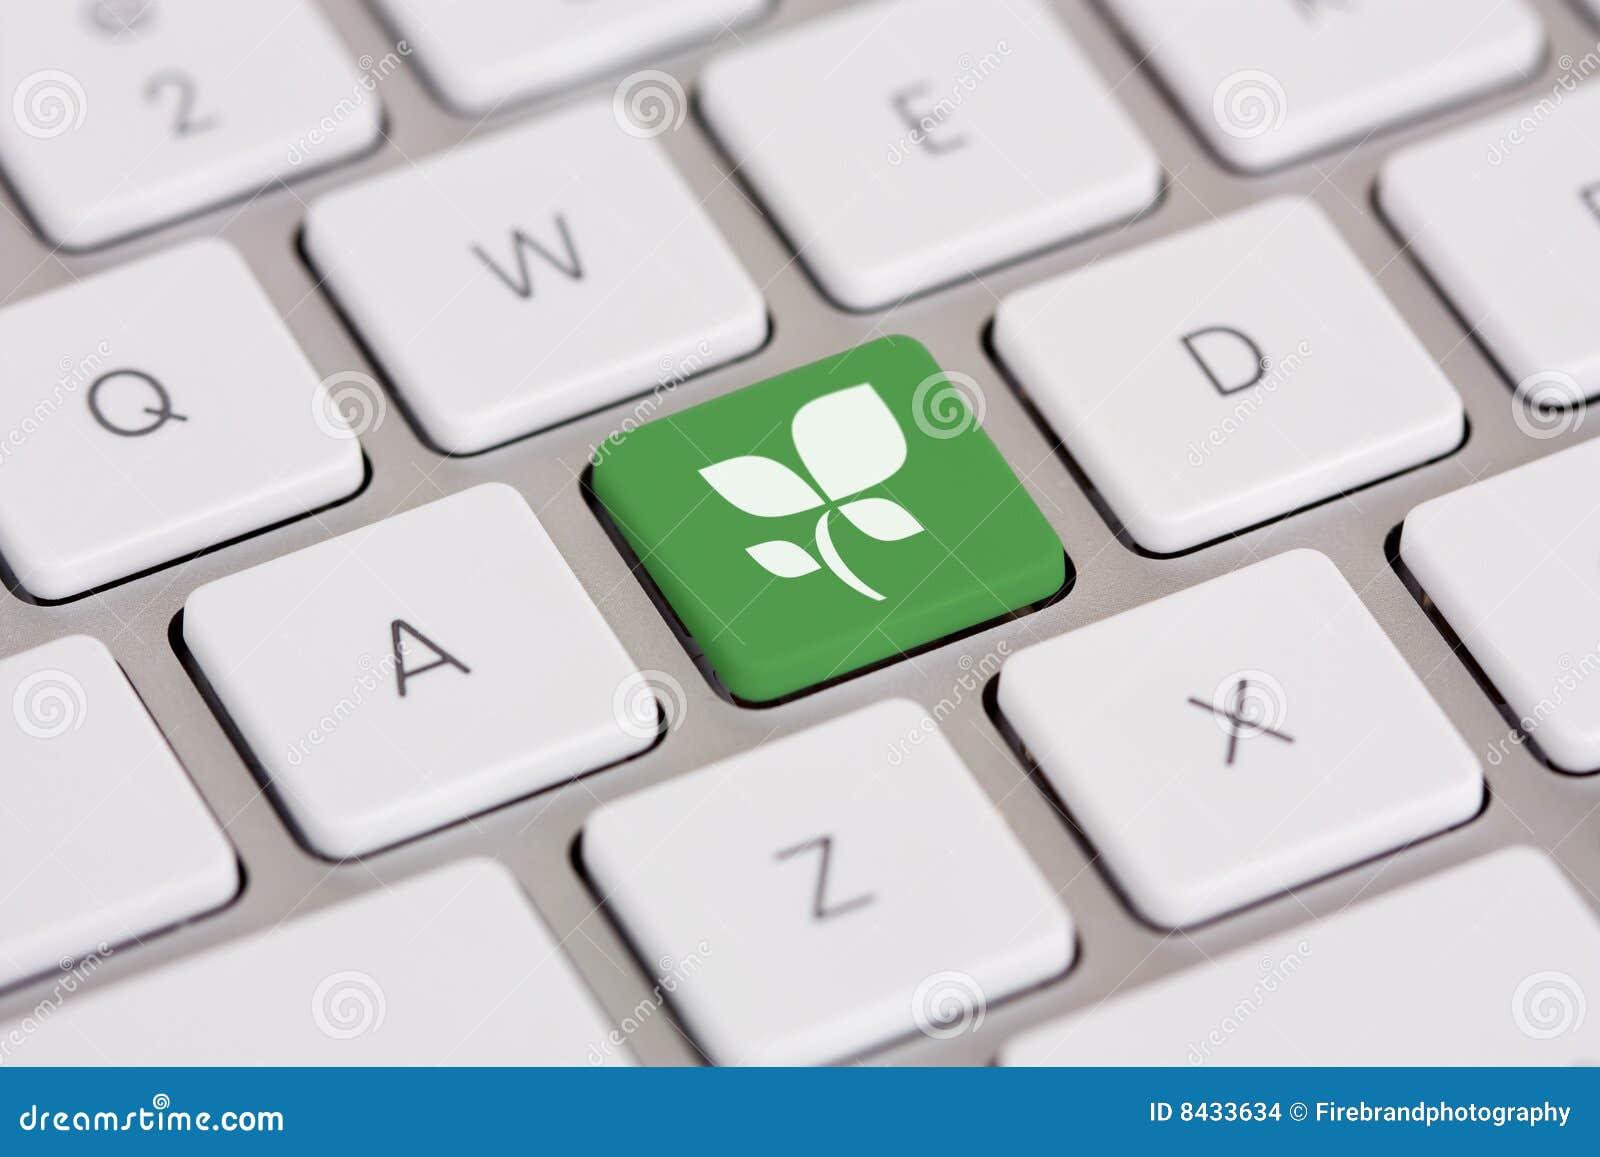 Grünen Sie Technologie